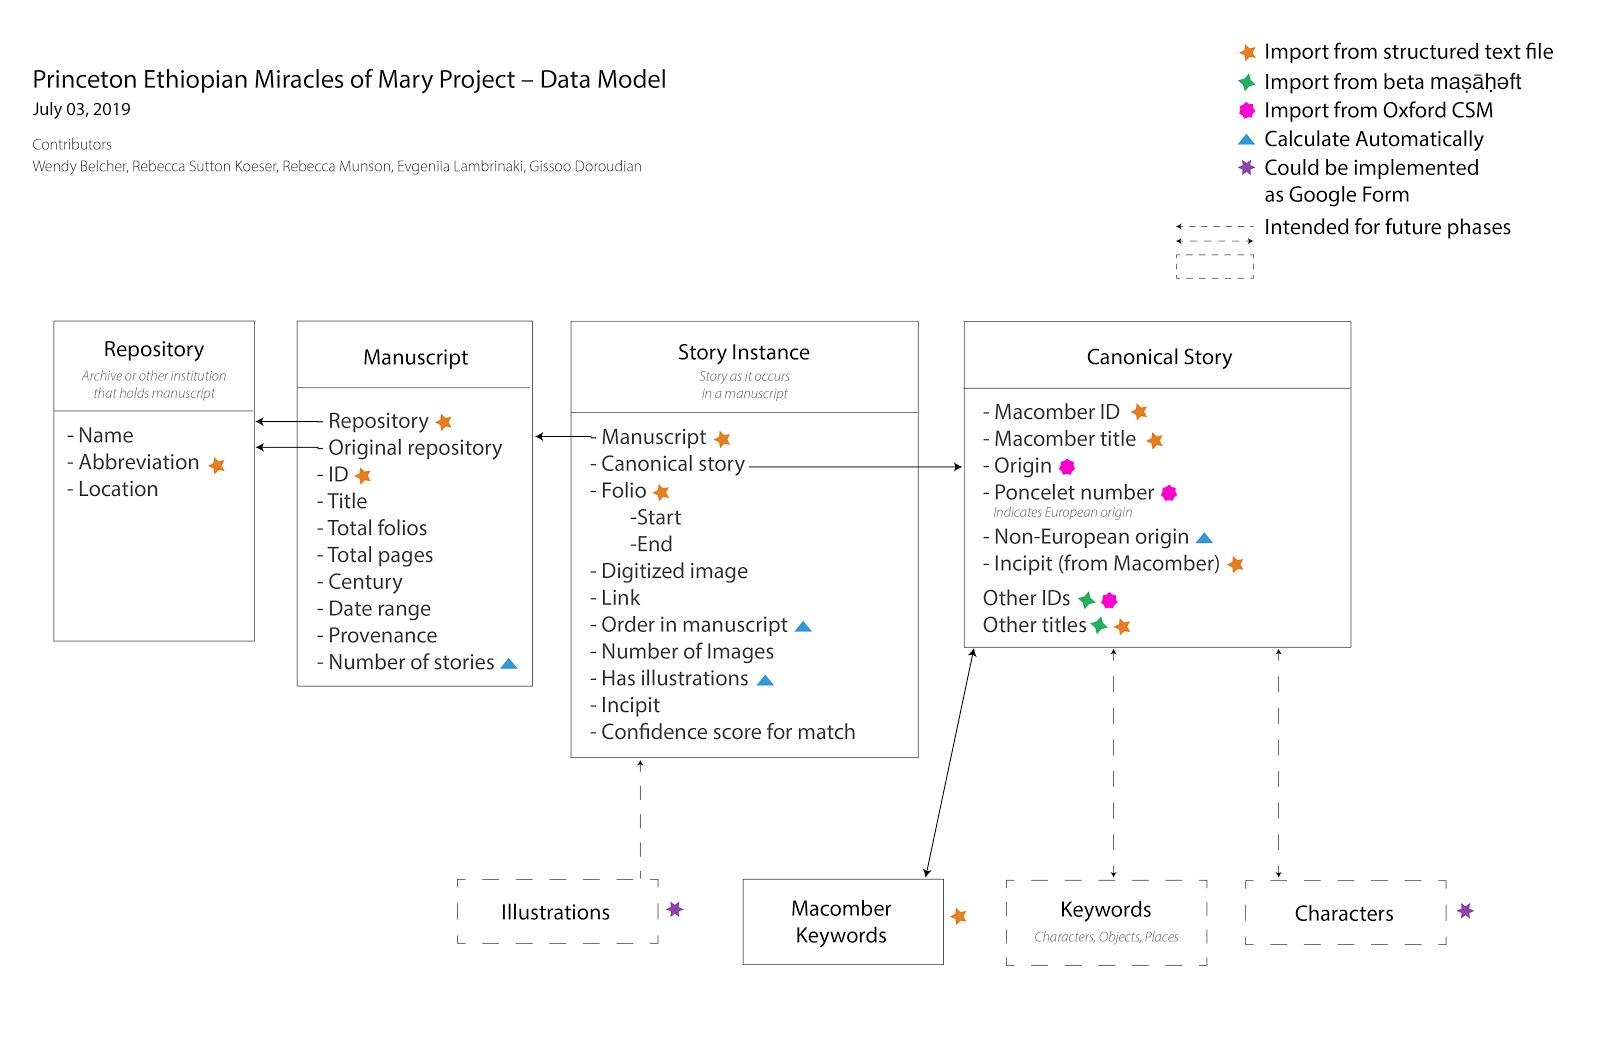 svg image of current data model